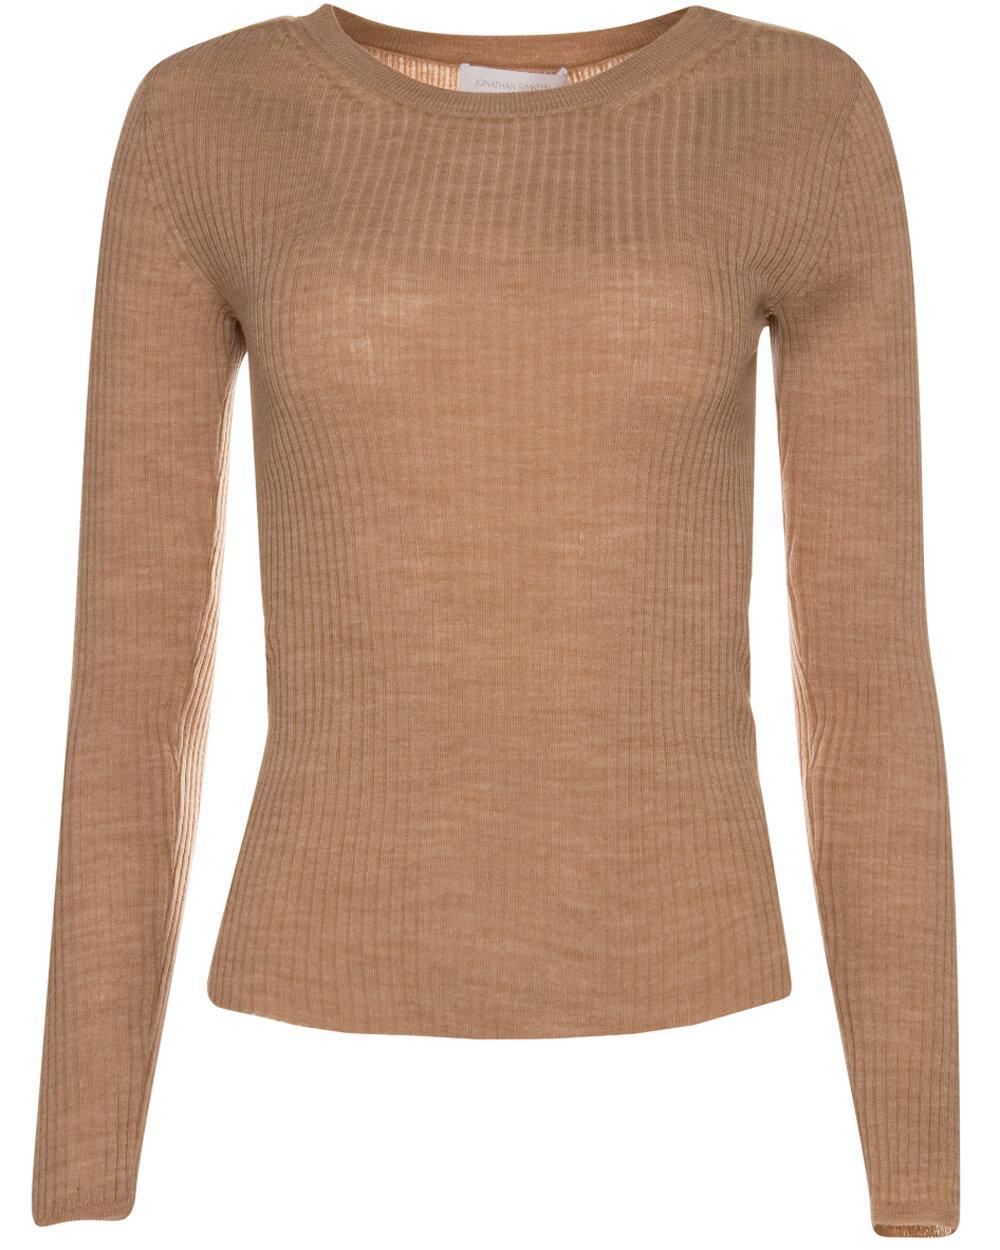 Hazel Crew Neck Sweater